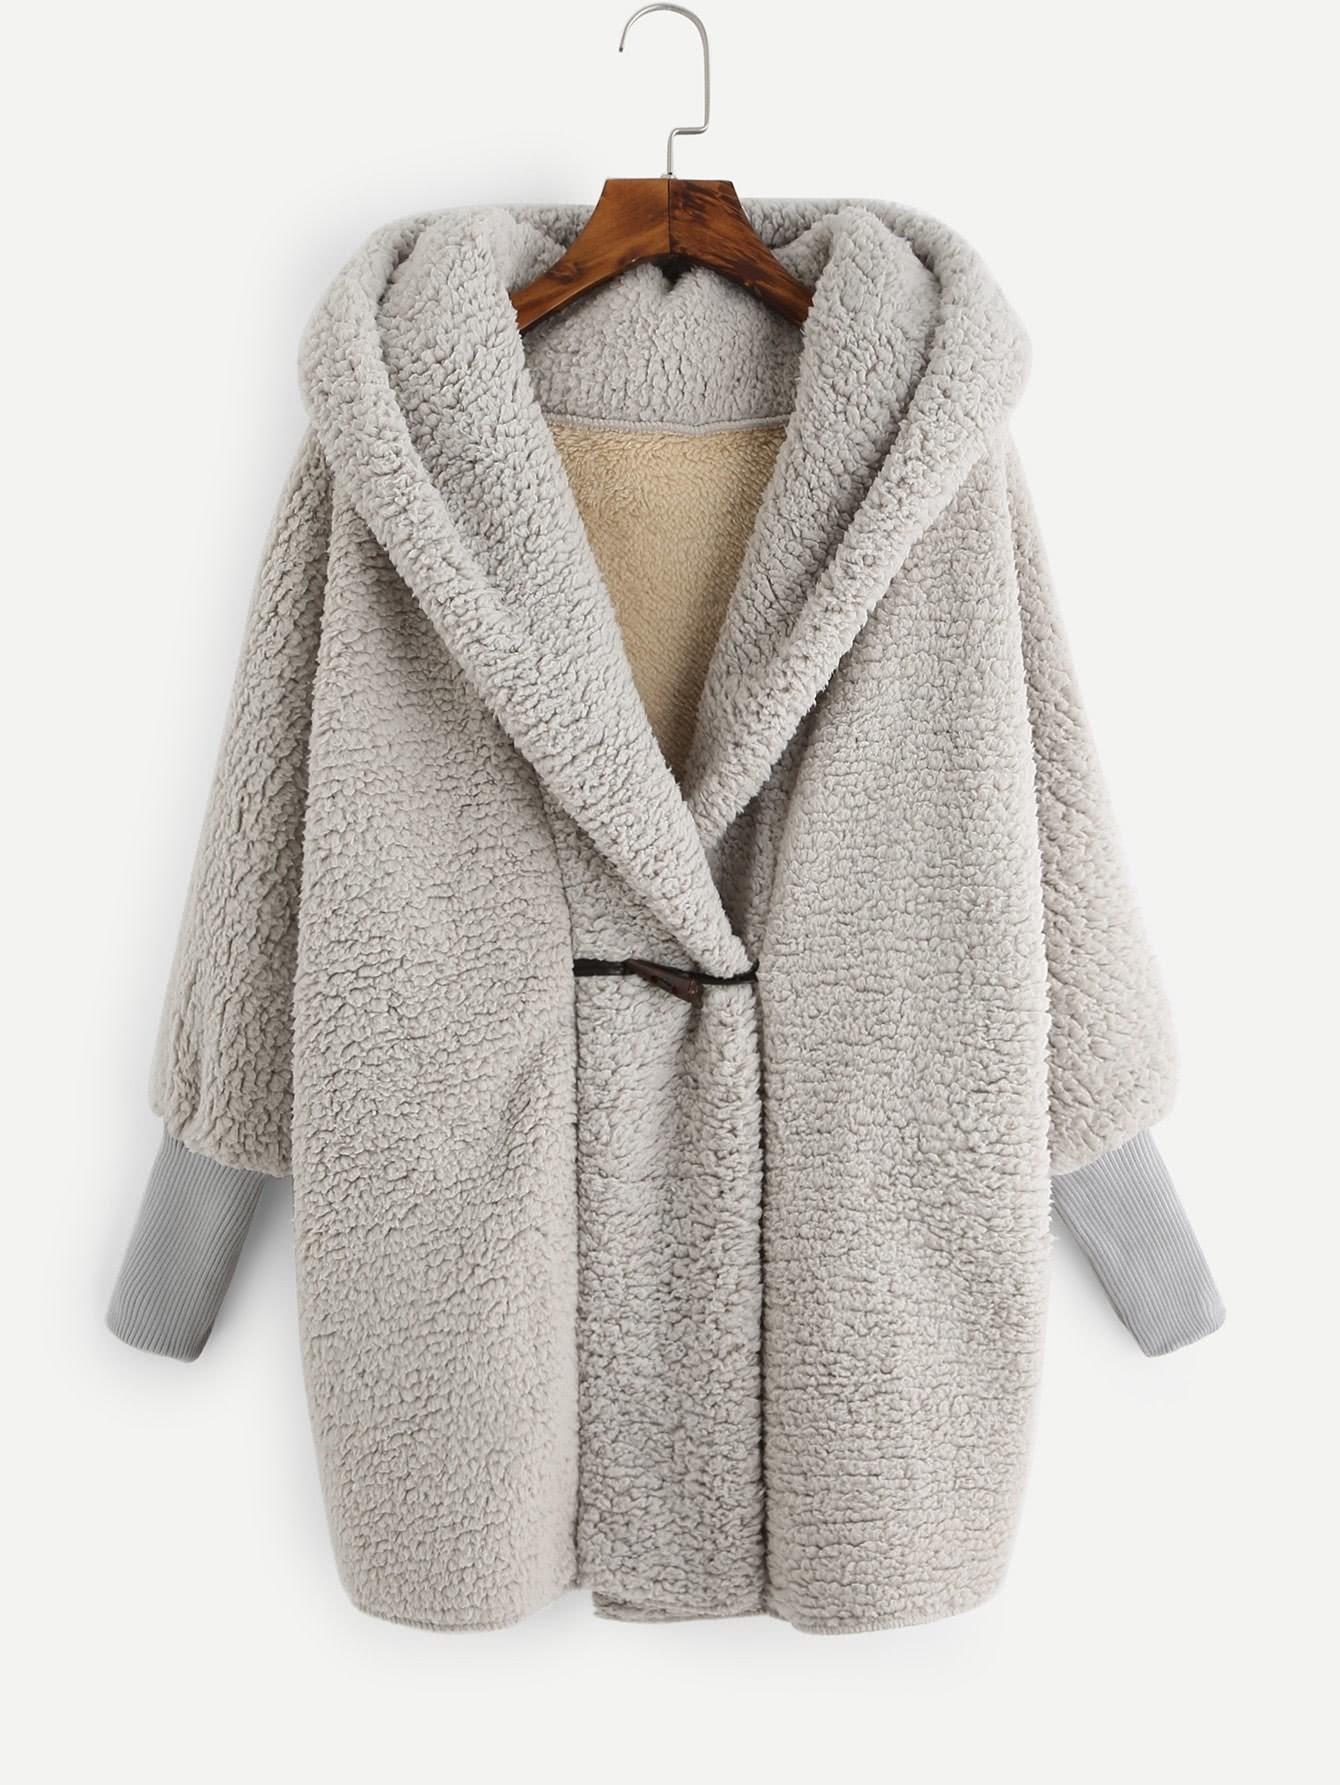 Купить Пушистый свободный тедди пальто с капюшоном, null, SheIn